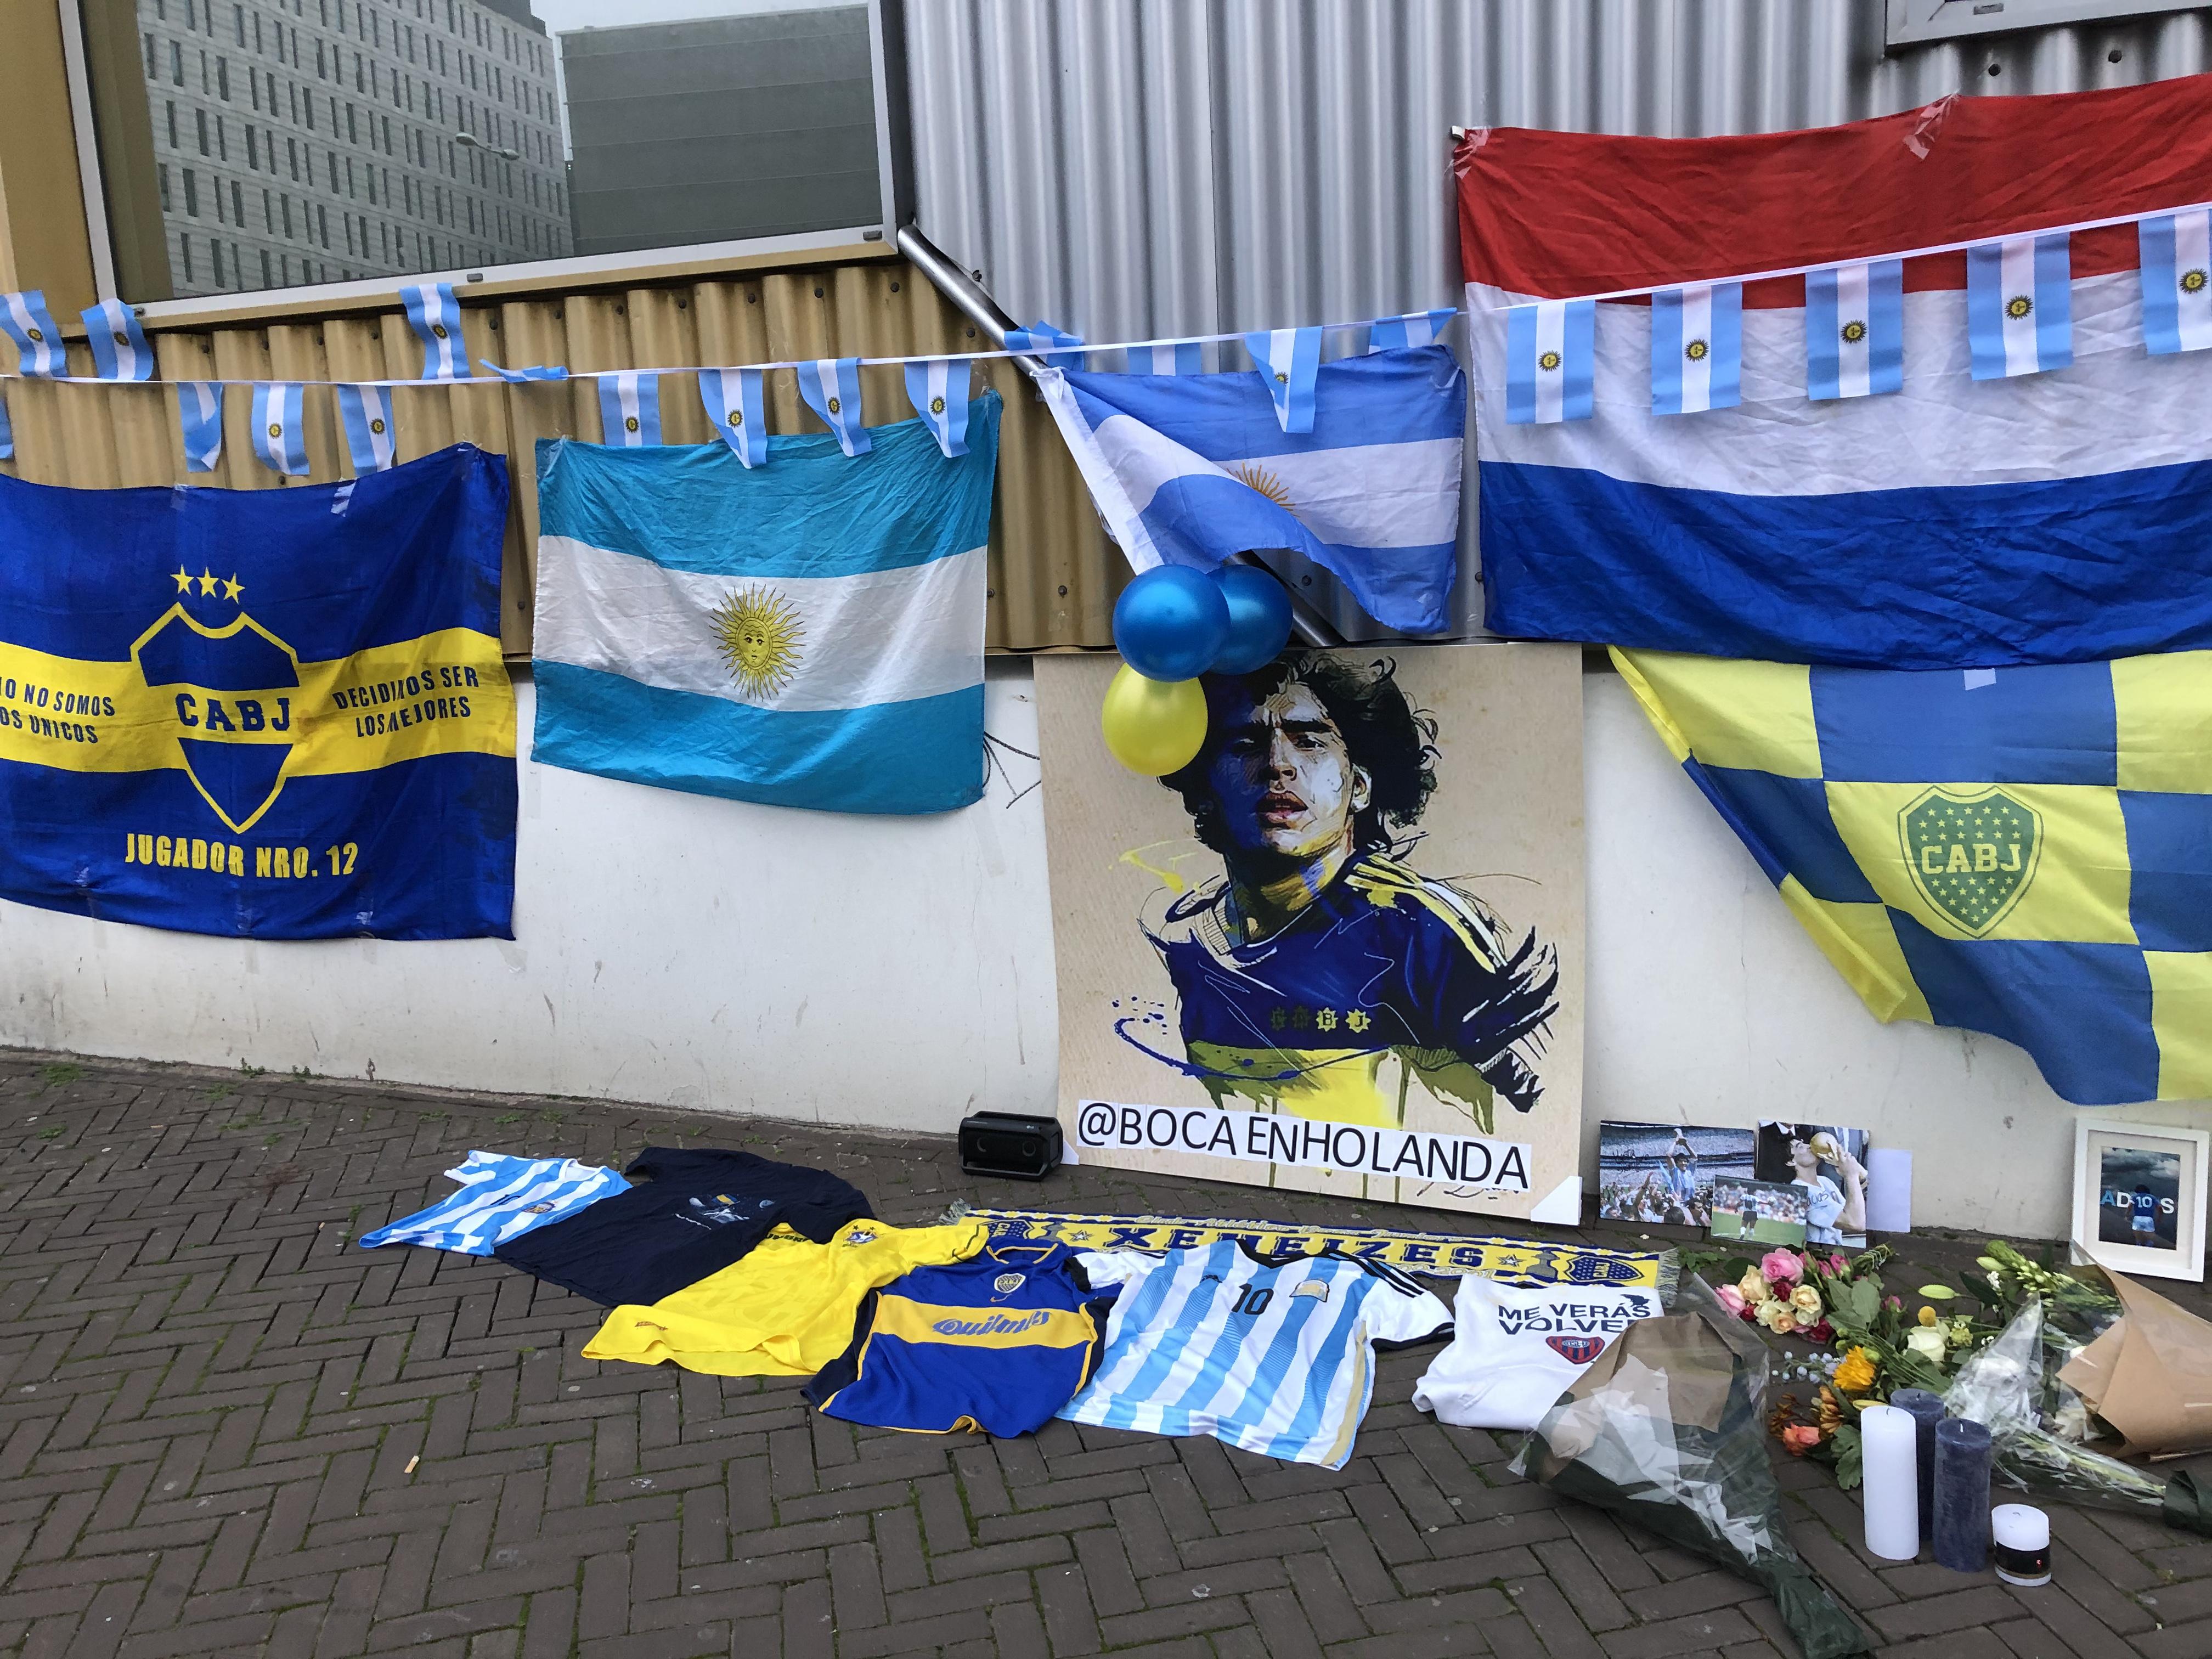 Het eerbetoon aan Maradona bij de Johan Cruijff Arena.